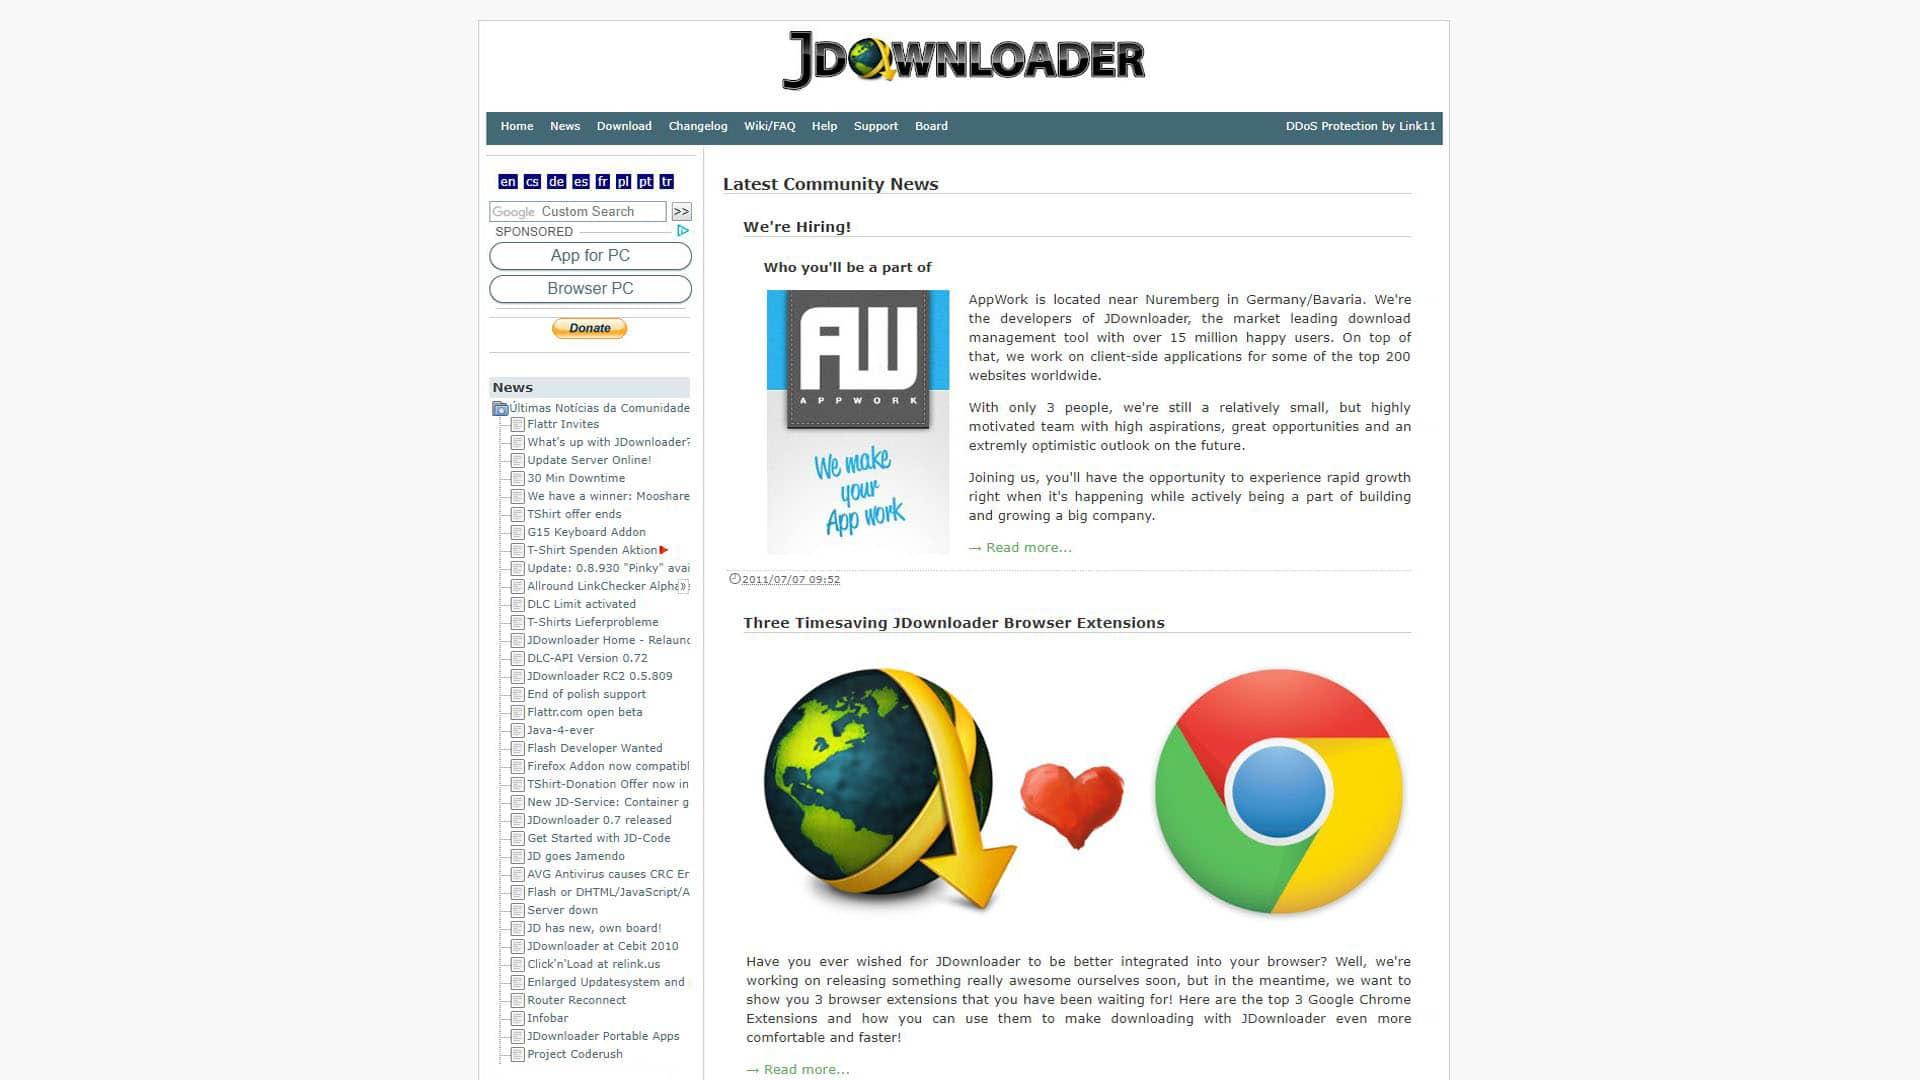 J Downloader News